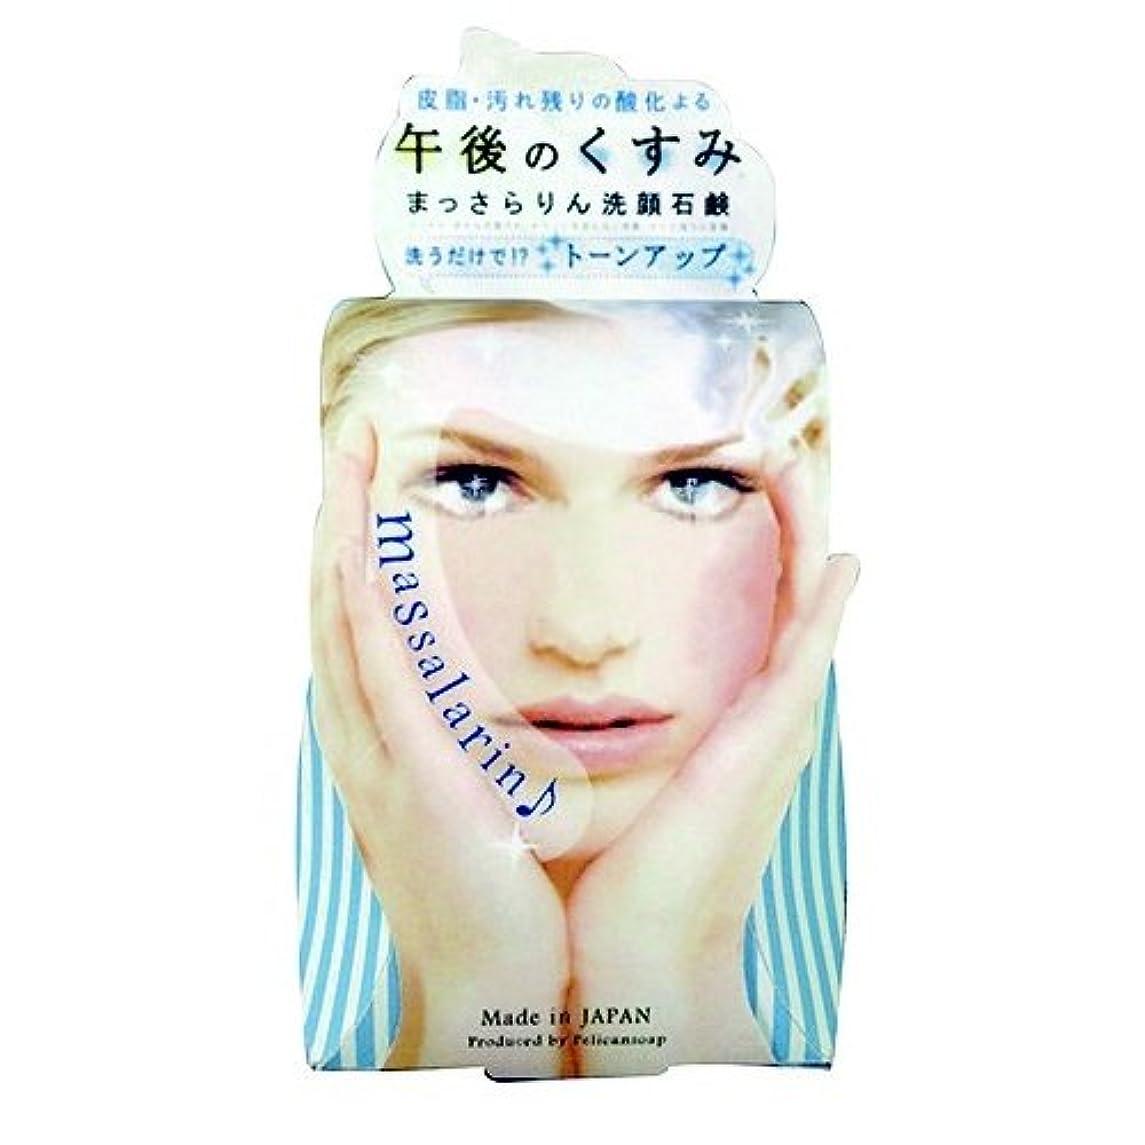 瞳現象ファームペリカン石鹸 まっさらりん洗顔石鹸 100g